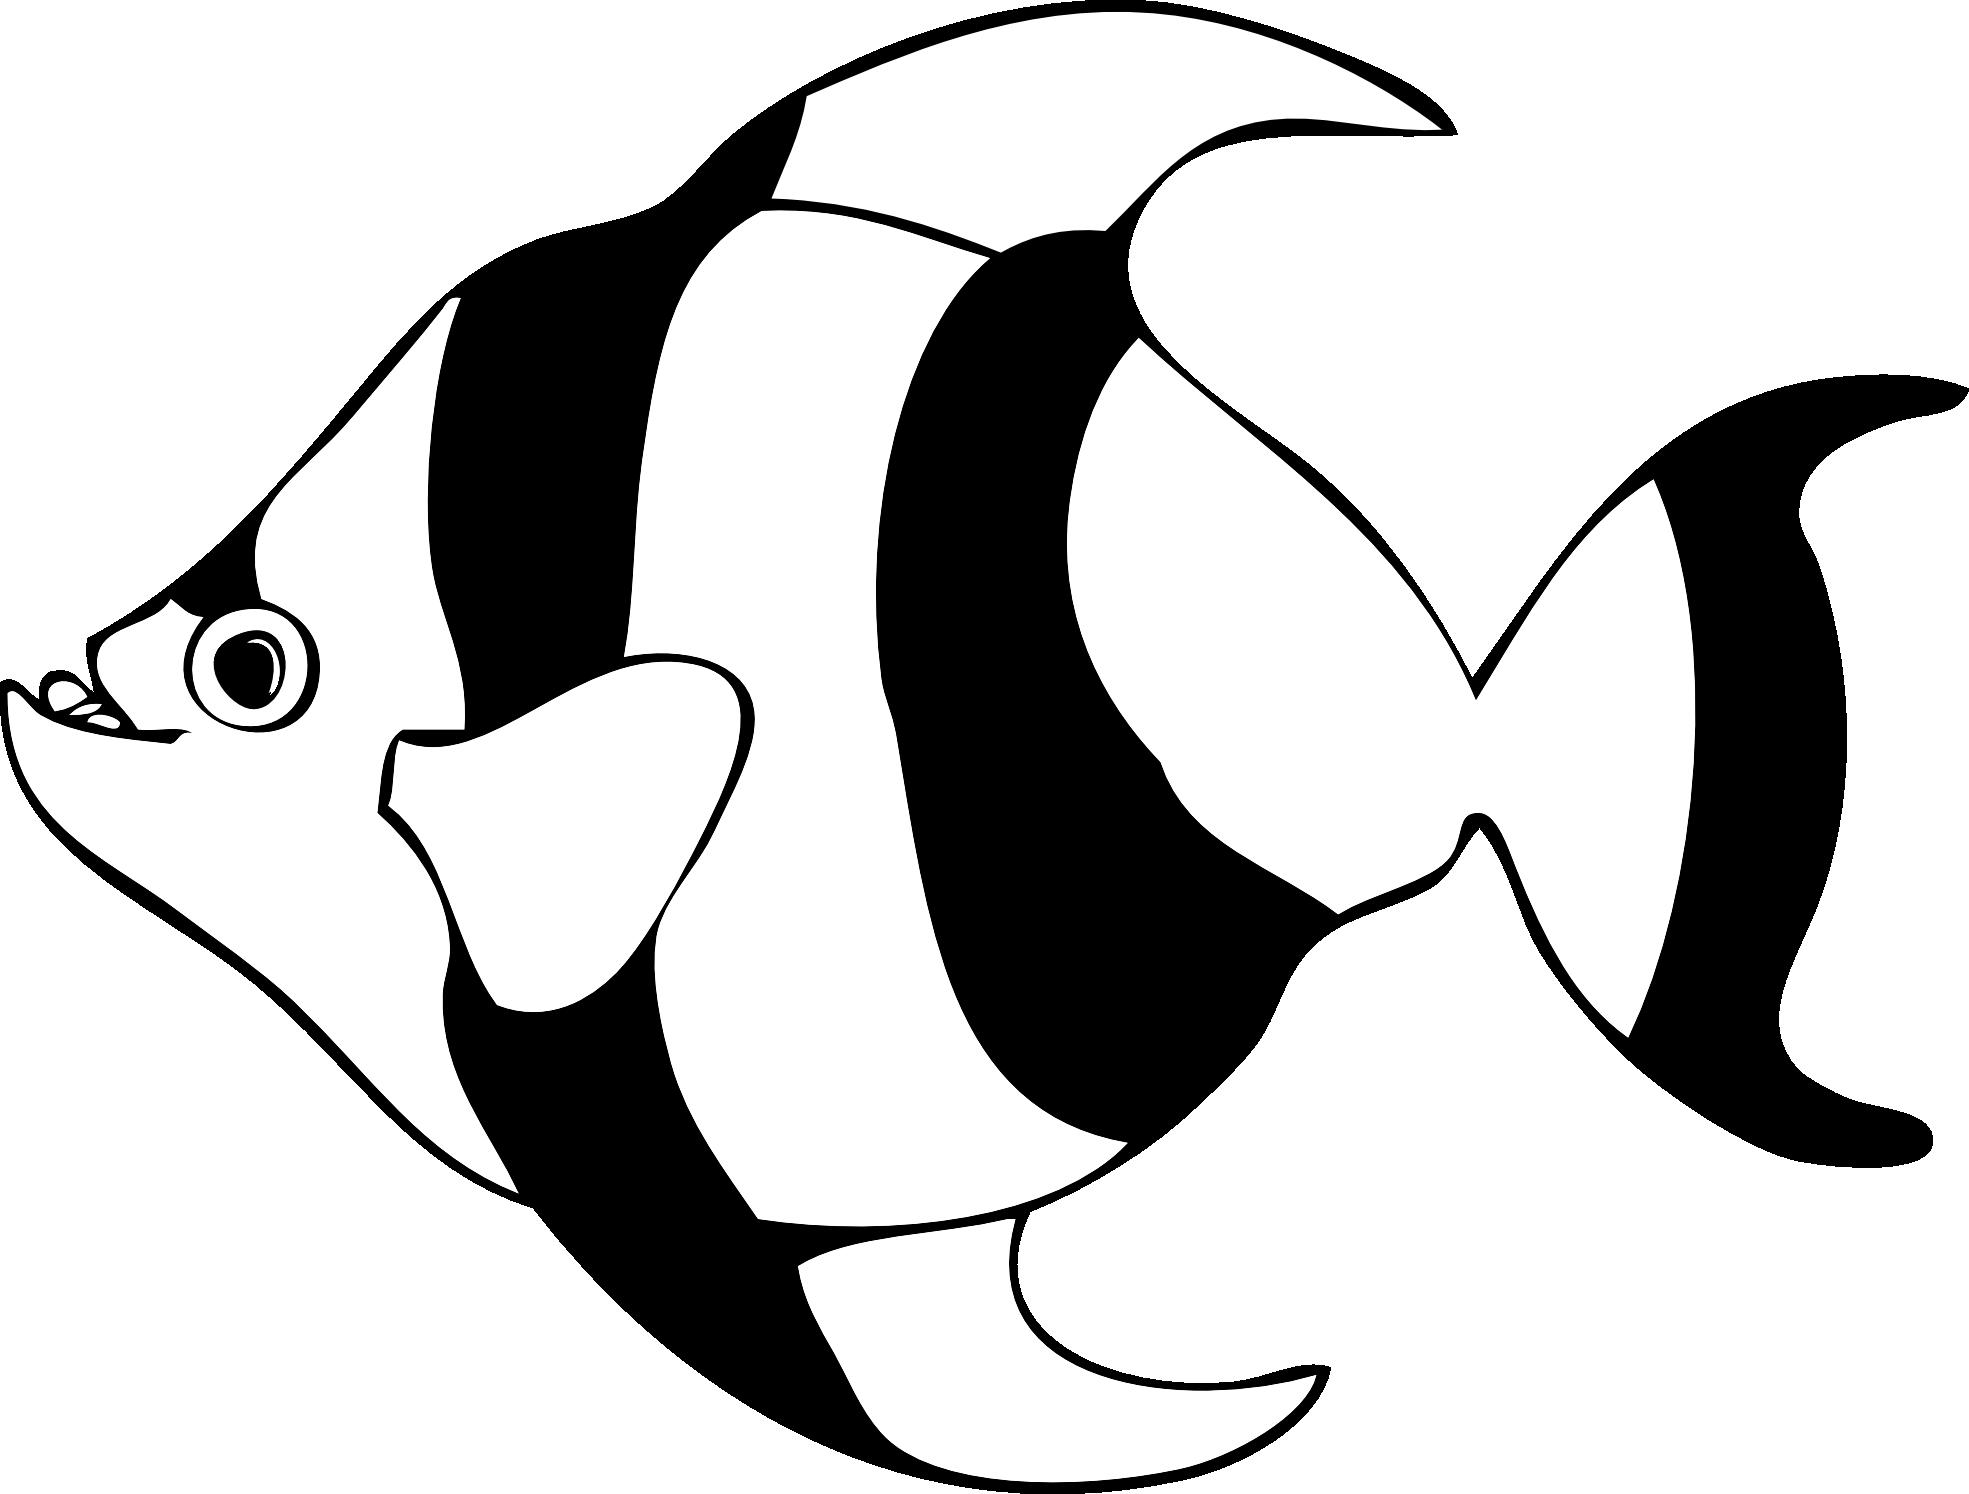 fish clipart white - photo #13